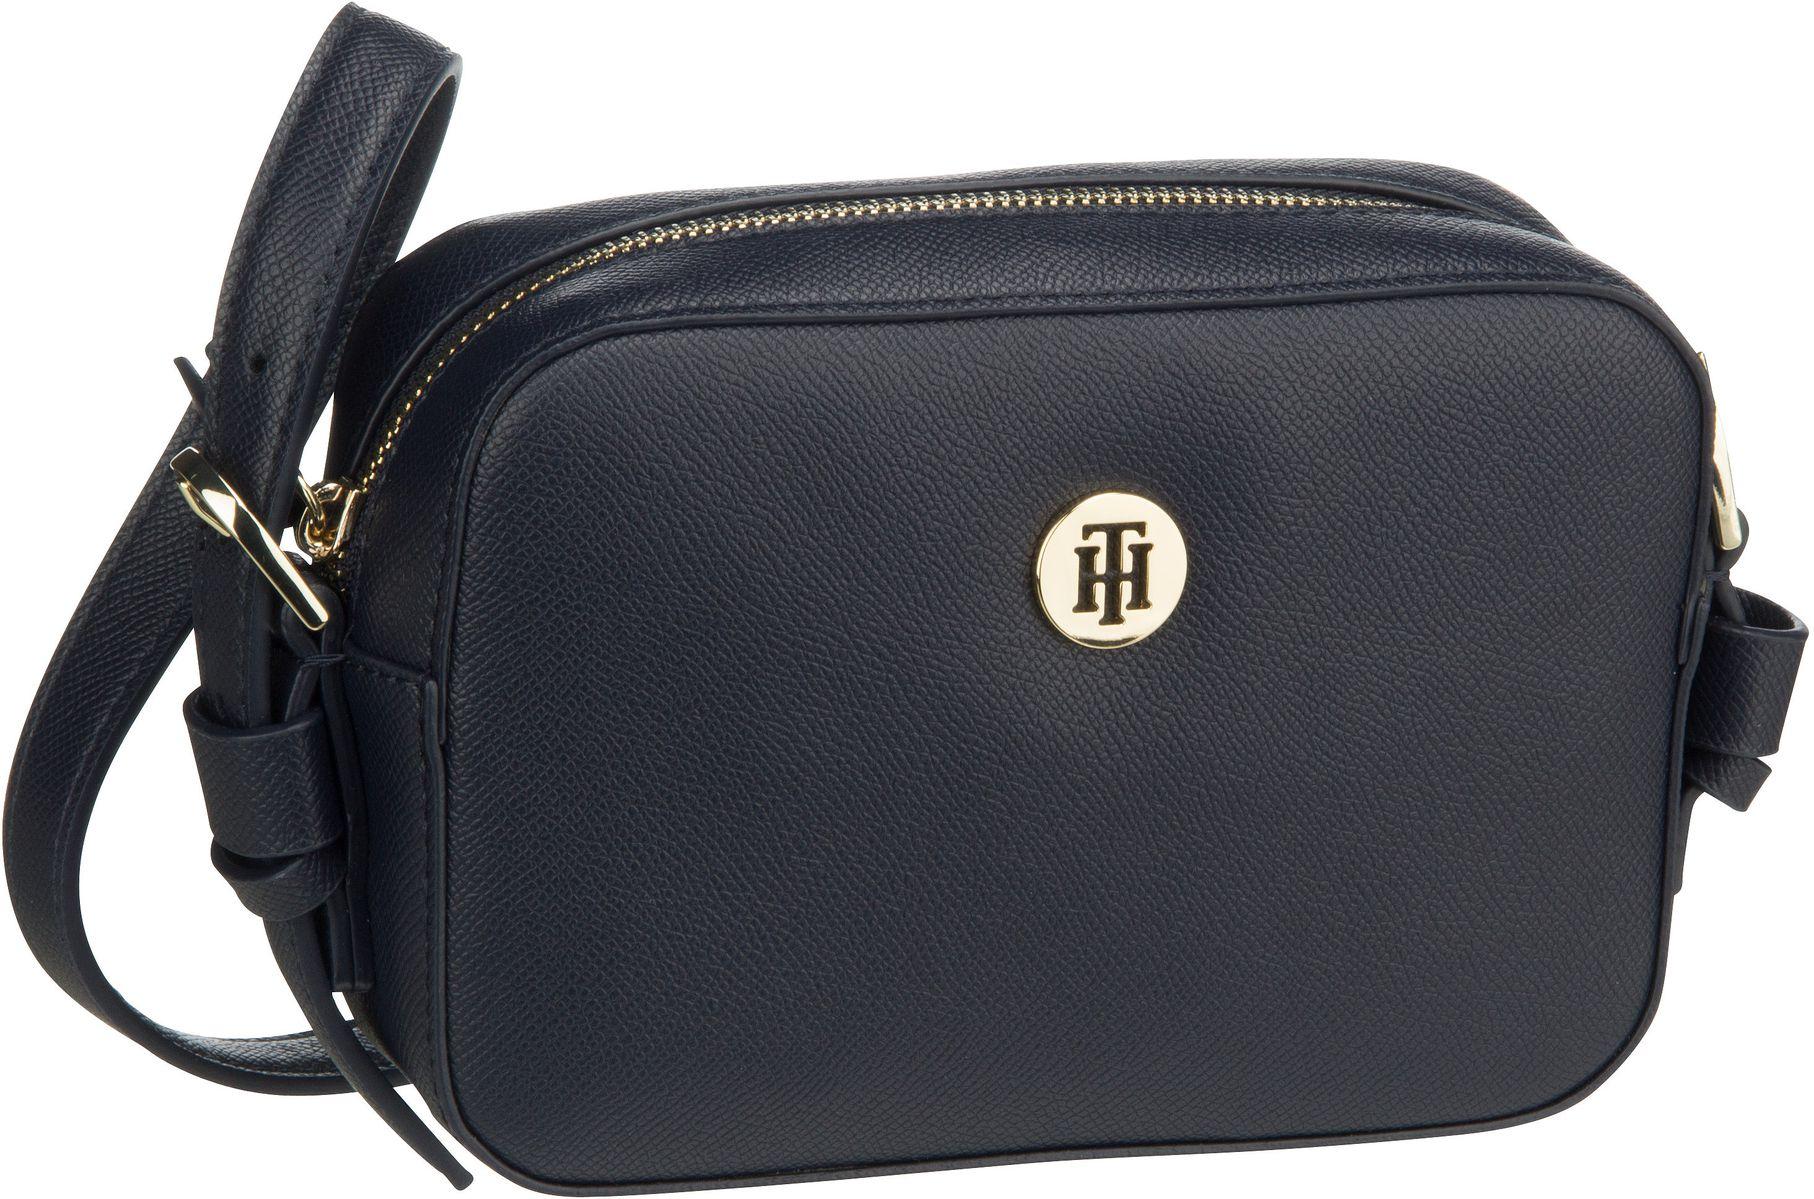 Umhängetasche Classic Saffiano Camera Bag PSP20 Sky Captain